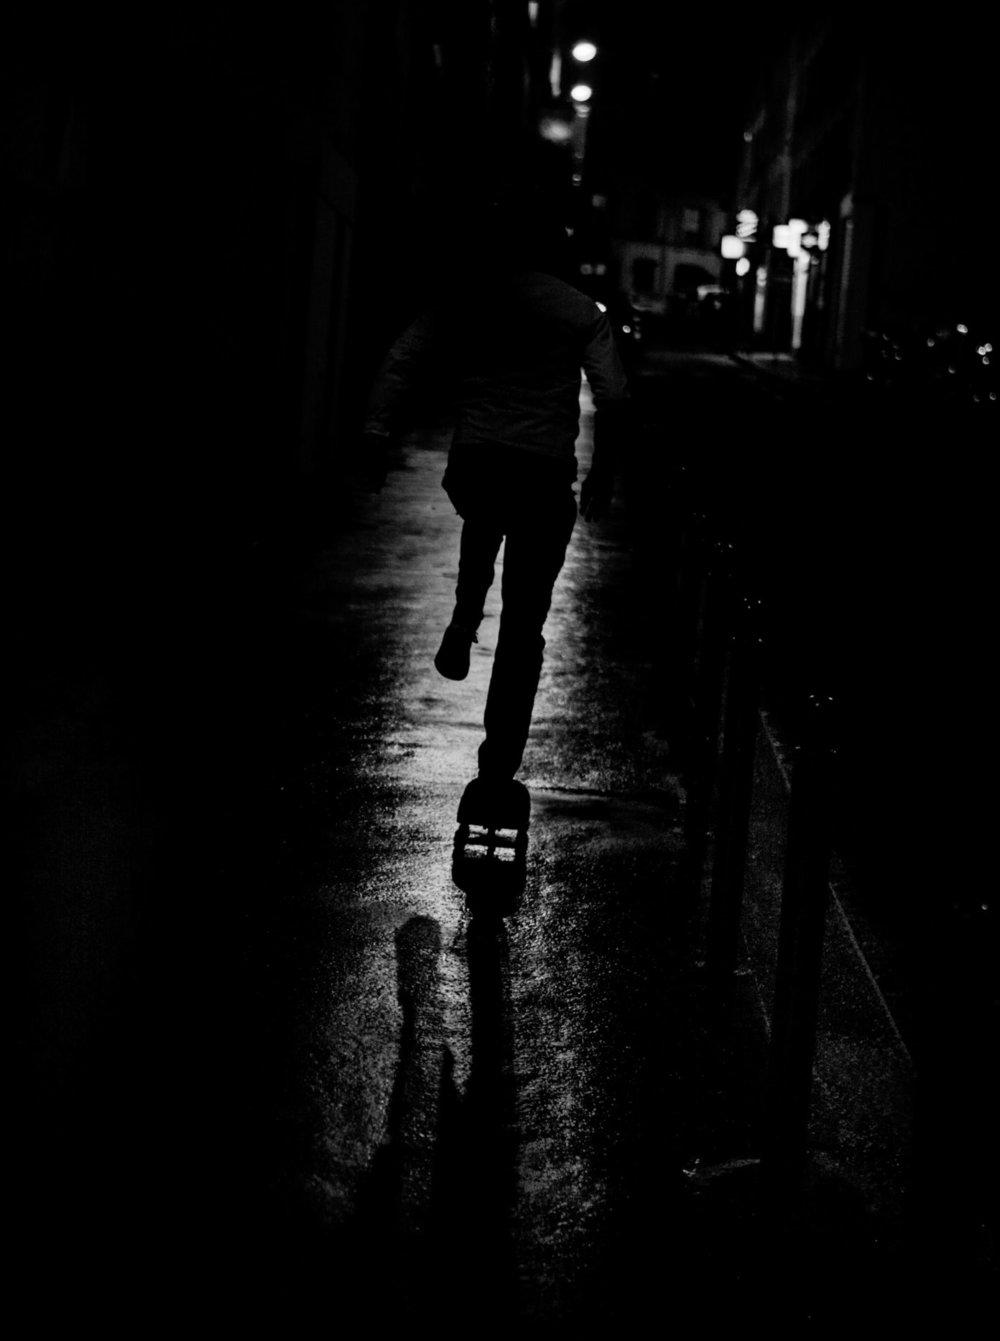 sebastien-zanella-surf-skate-photgraphy-1.jpg